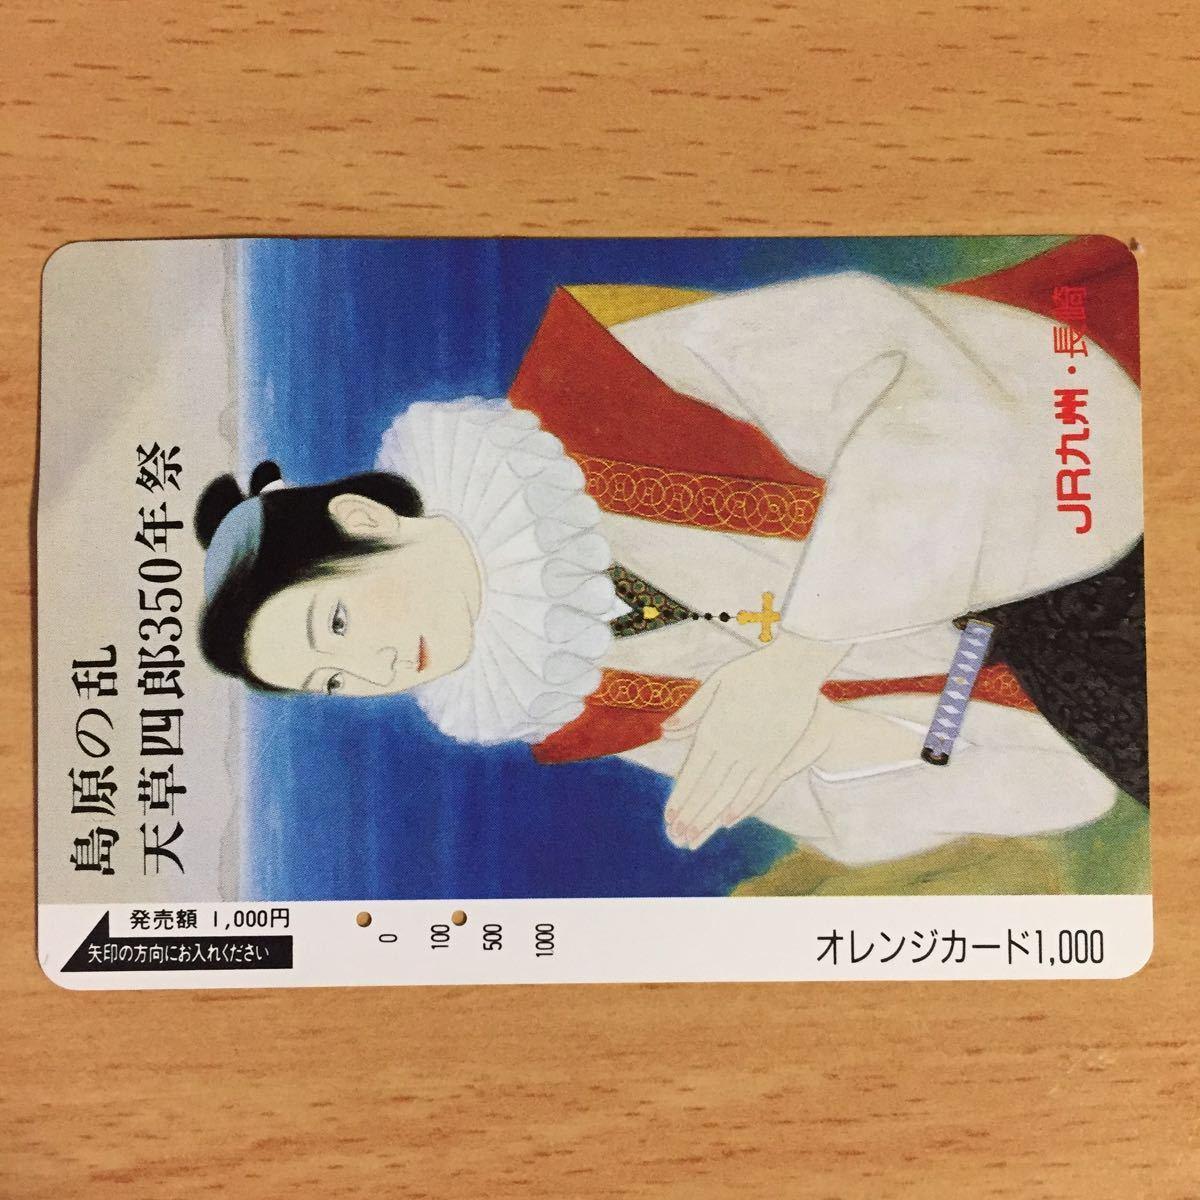 オレンジカード JR九州 島原の乱